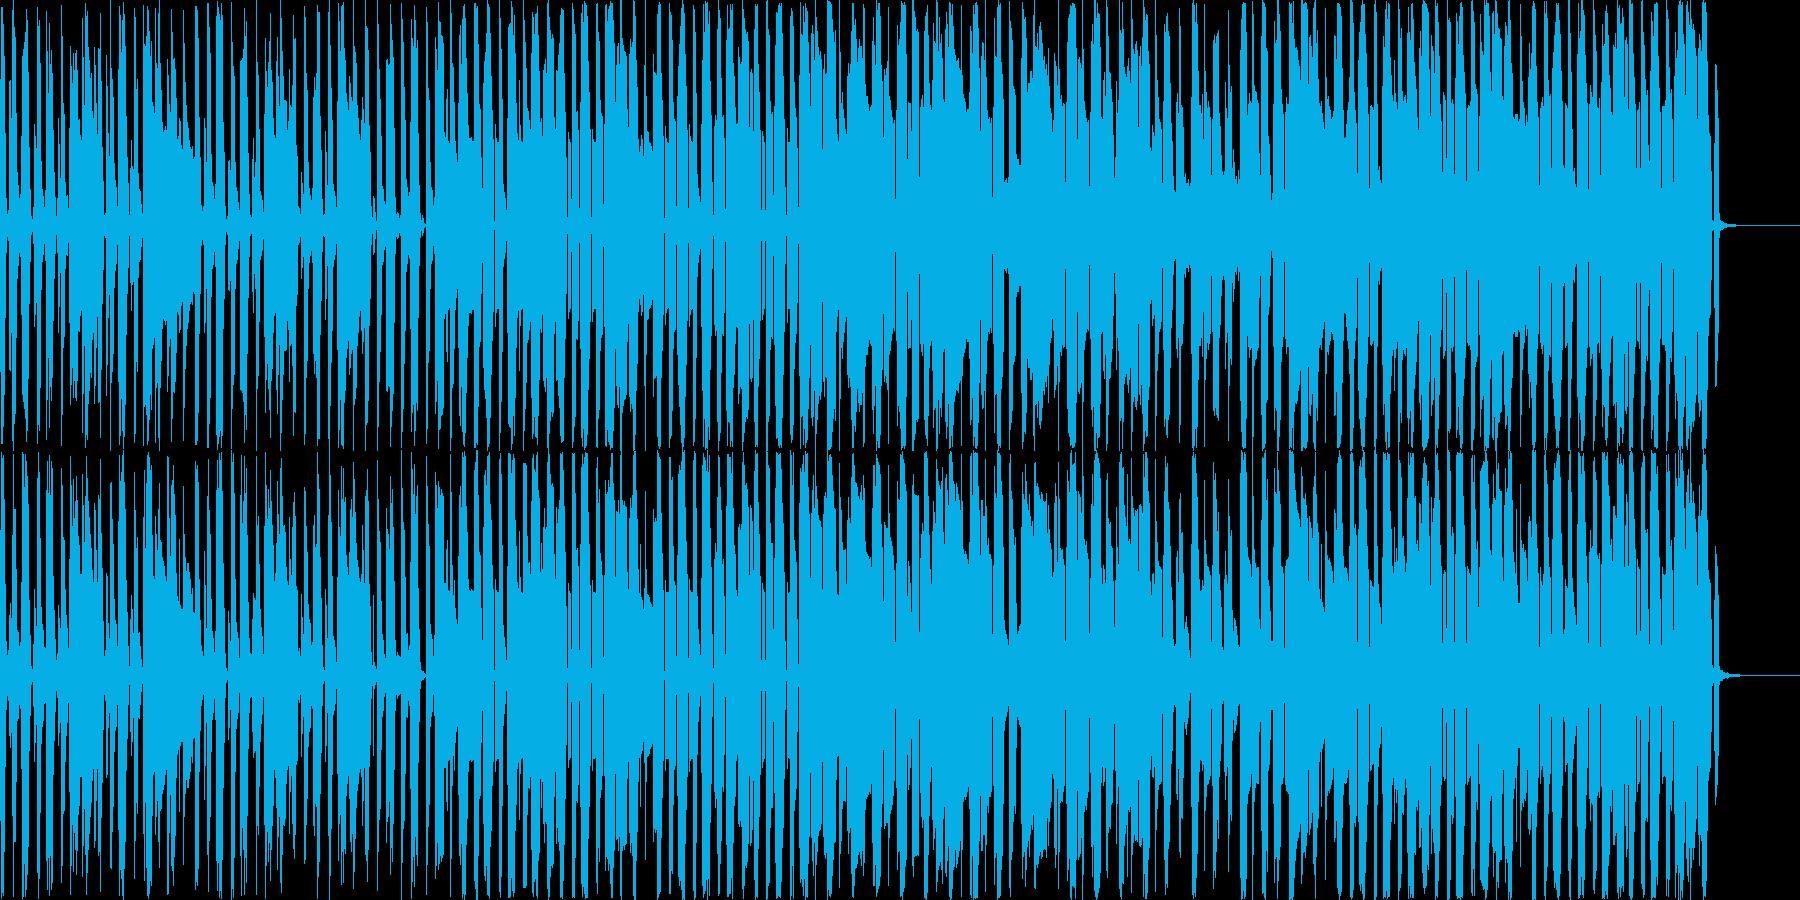 女性ボーカルが口ずさんでいるようなイメ…の再生済みの波形